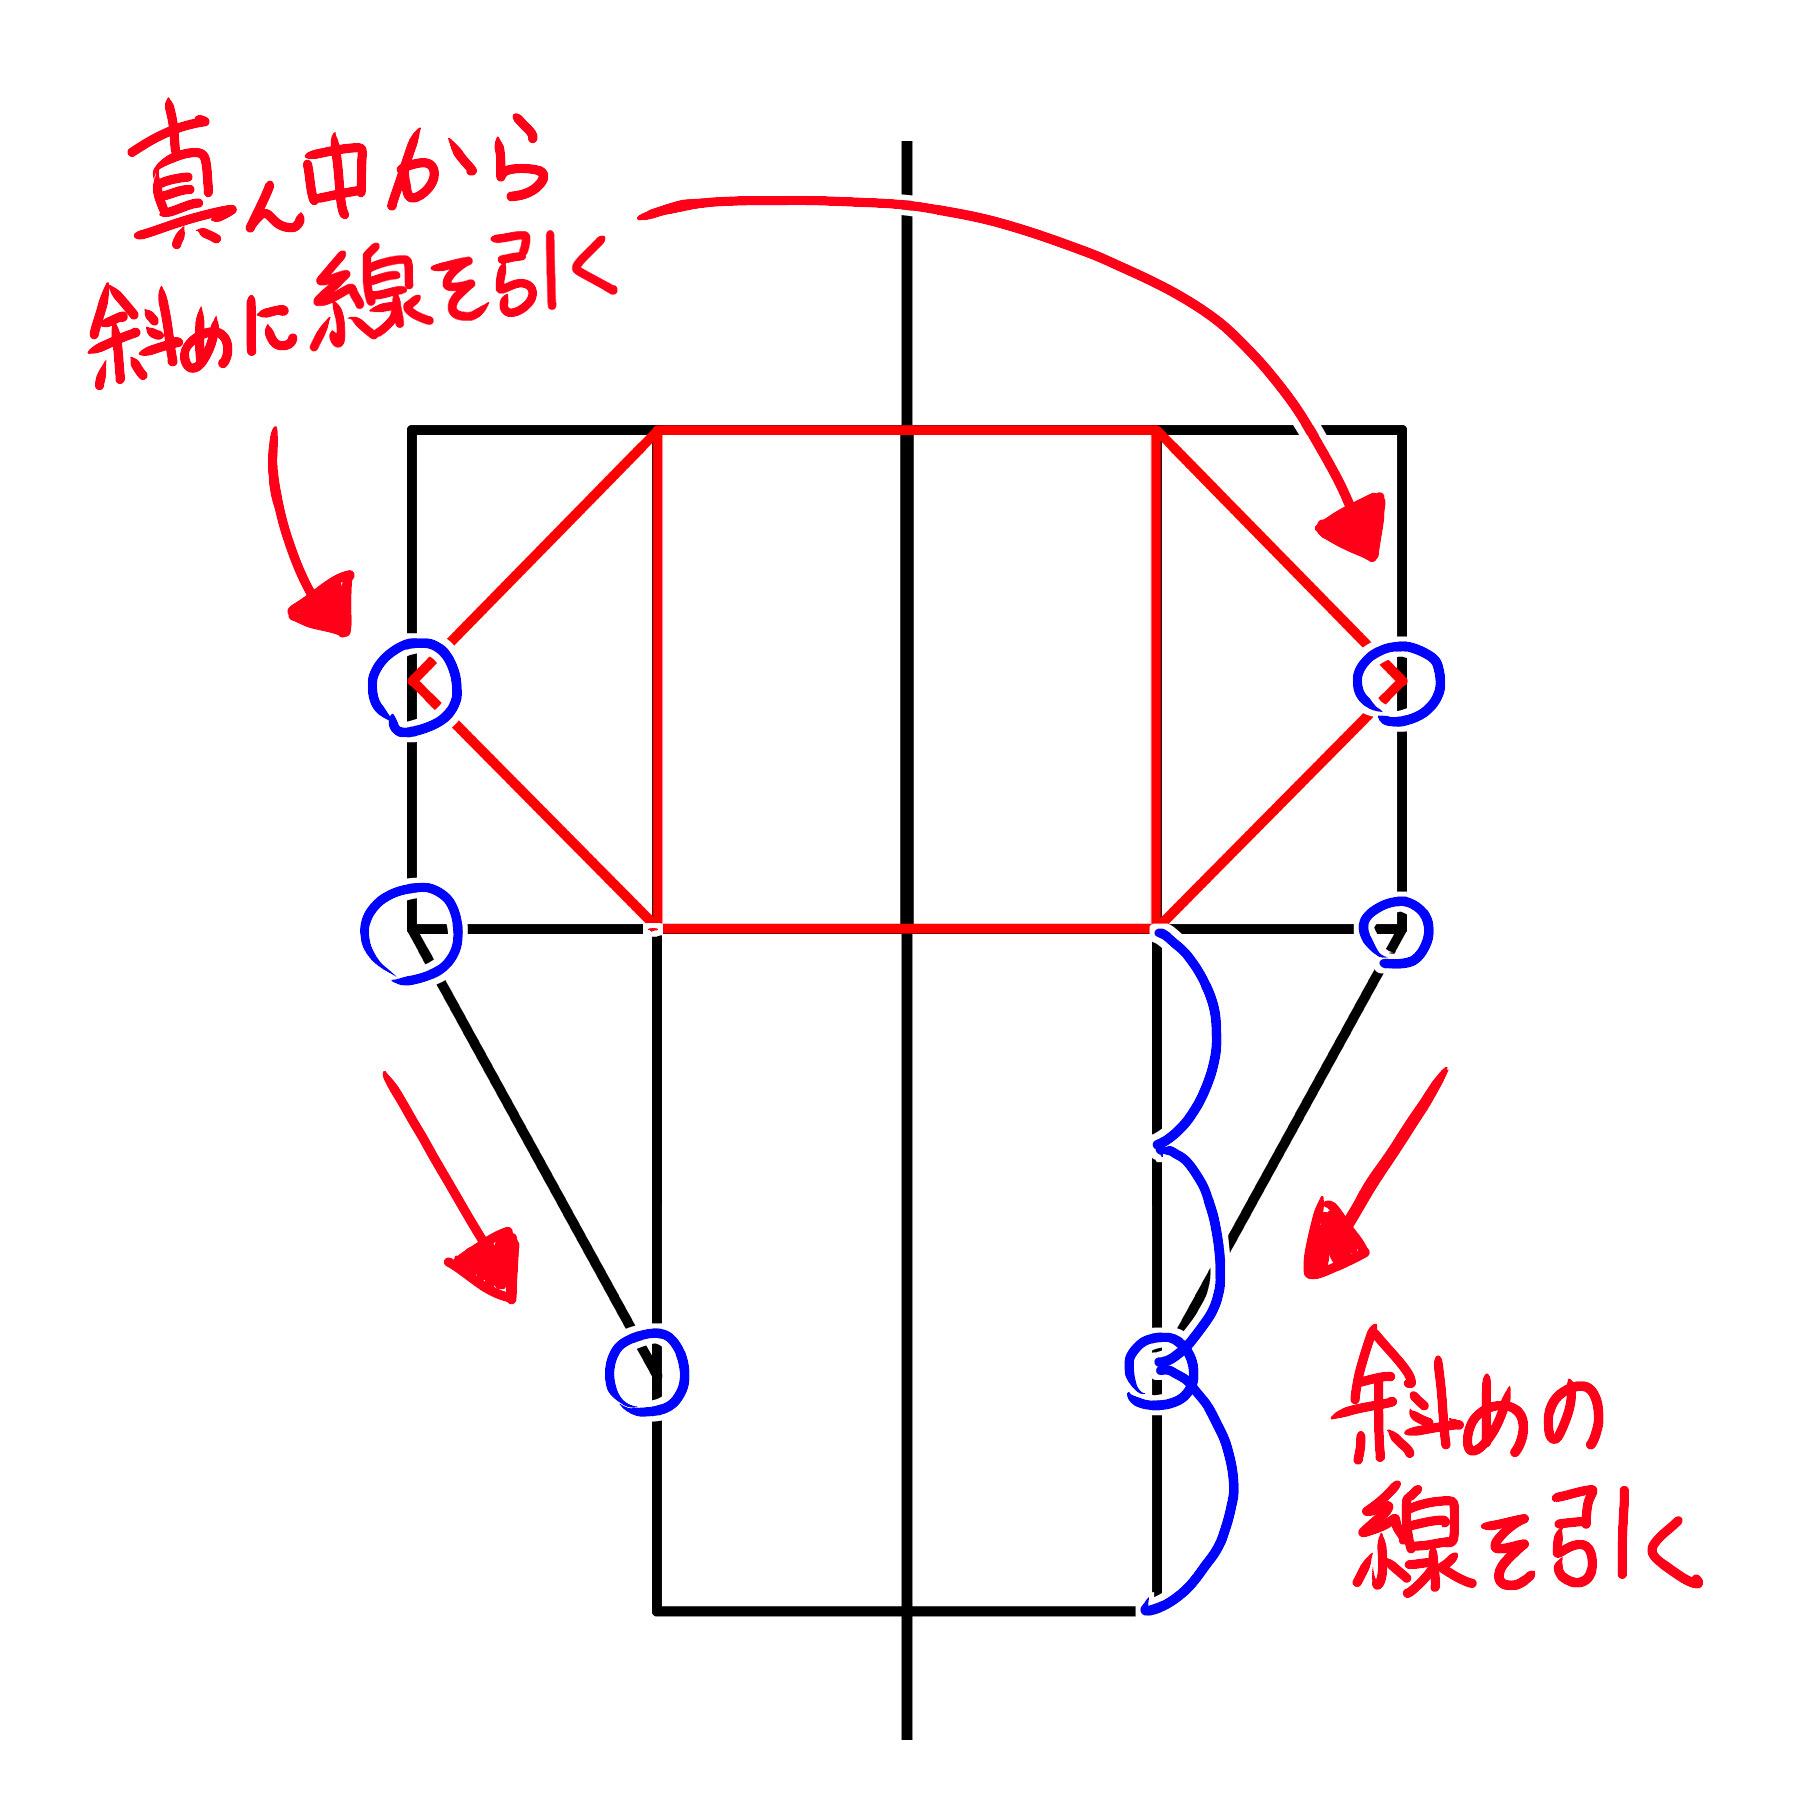 横の長方形の短辺の真ん中から長辺の4点に斜めの線を引きます。 横の長方形の下の長辺の点から縦の長方形を大体3等分した点に向って斜めの線を引きます。